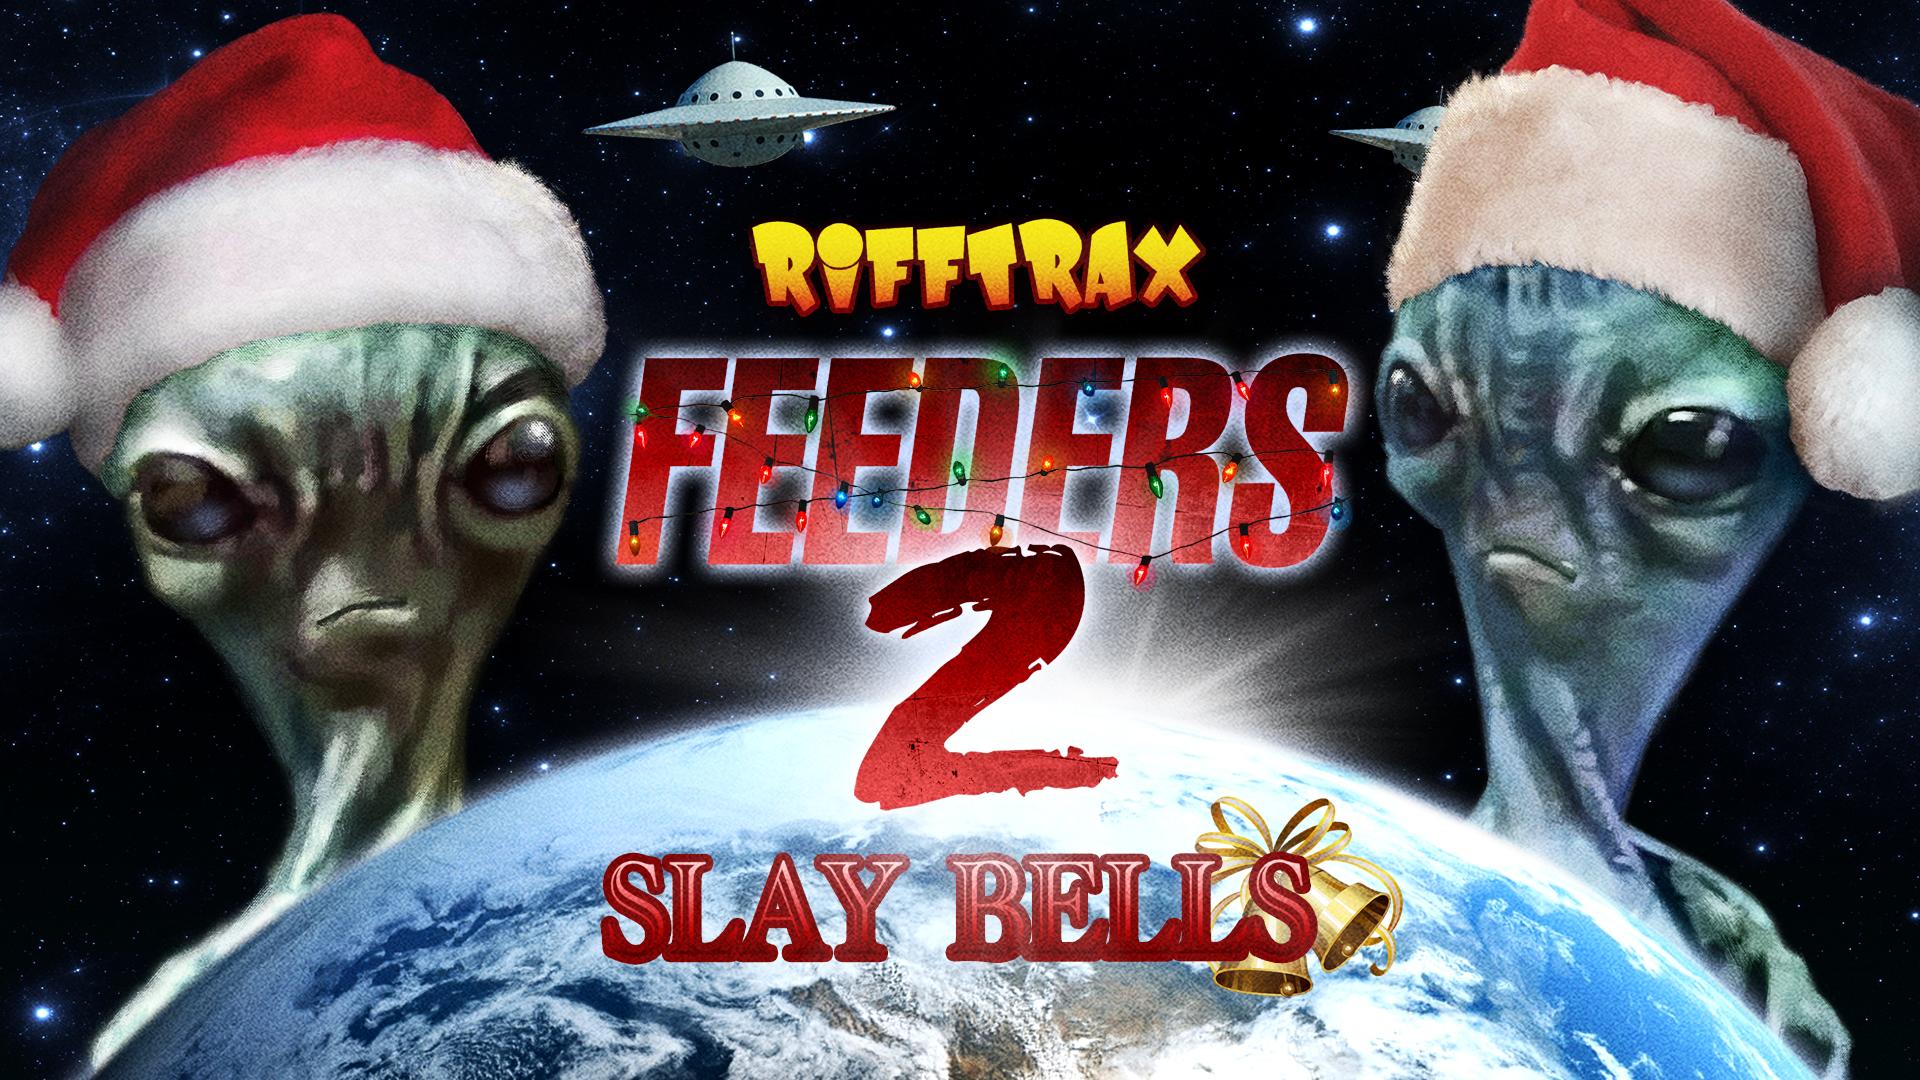 RiffTrax: Feeders 2: Slay Bells